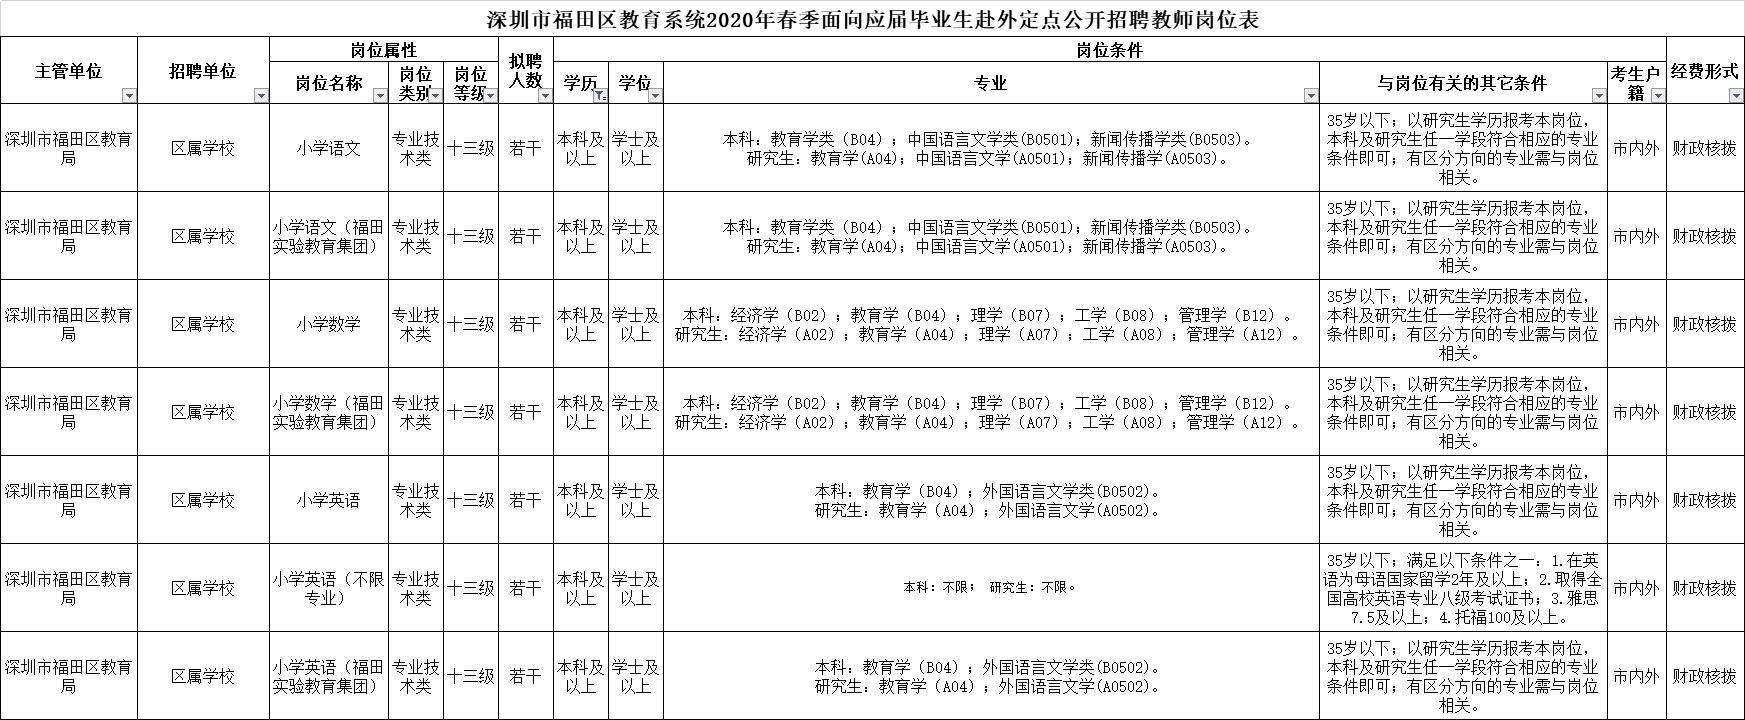 深圳市福田区教育系统2020年面向应届毕业生赴外招聘教师公告